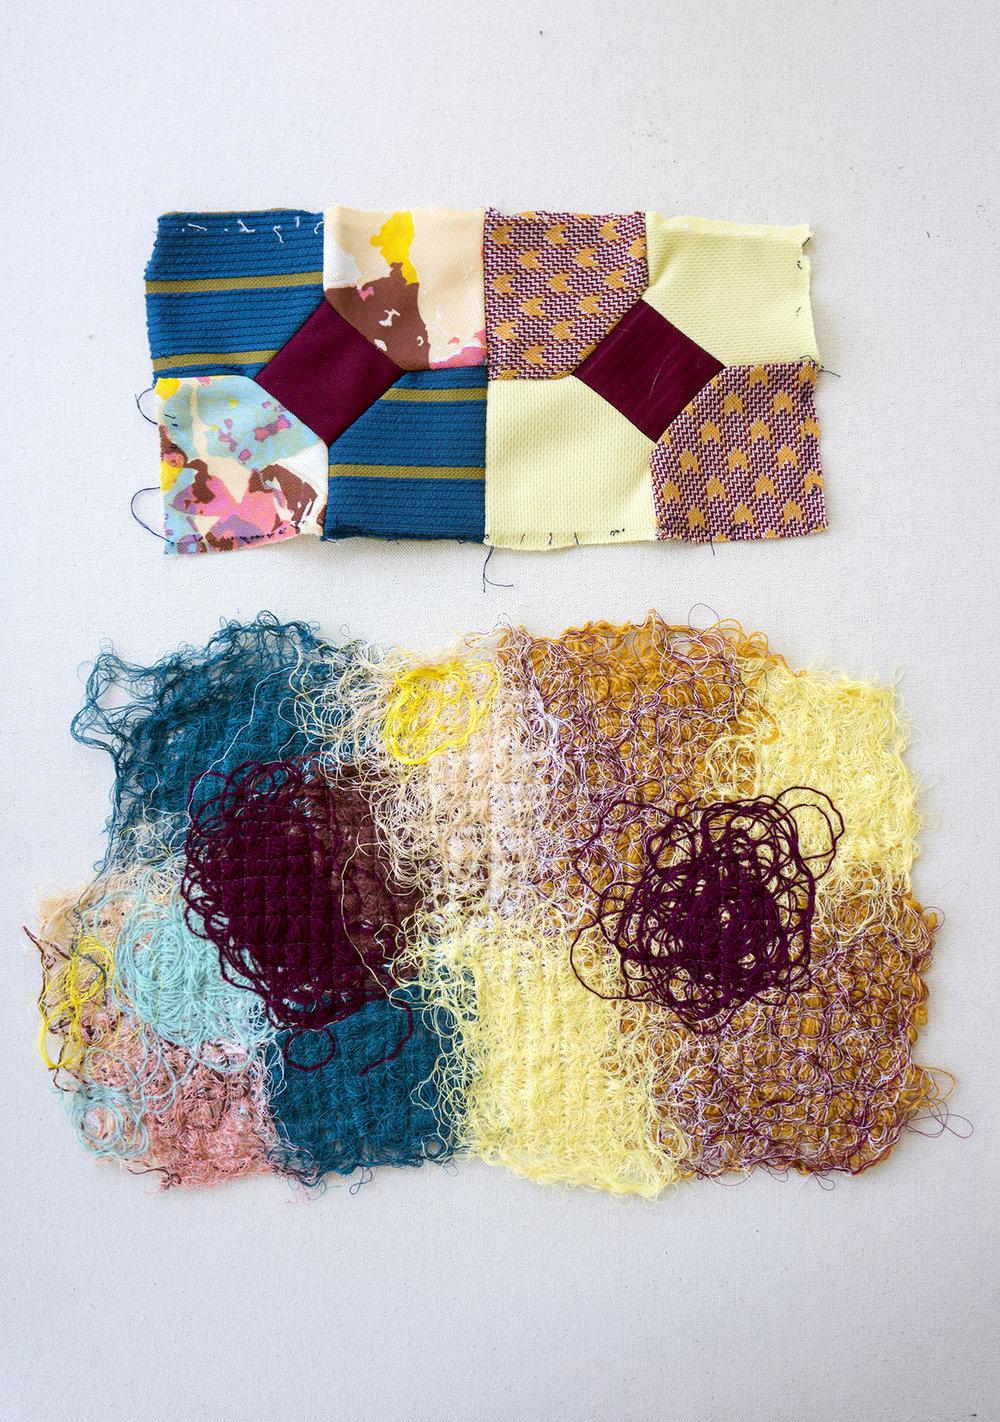 Catherine Reinhart_fiberart_Leisure suit quilt